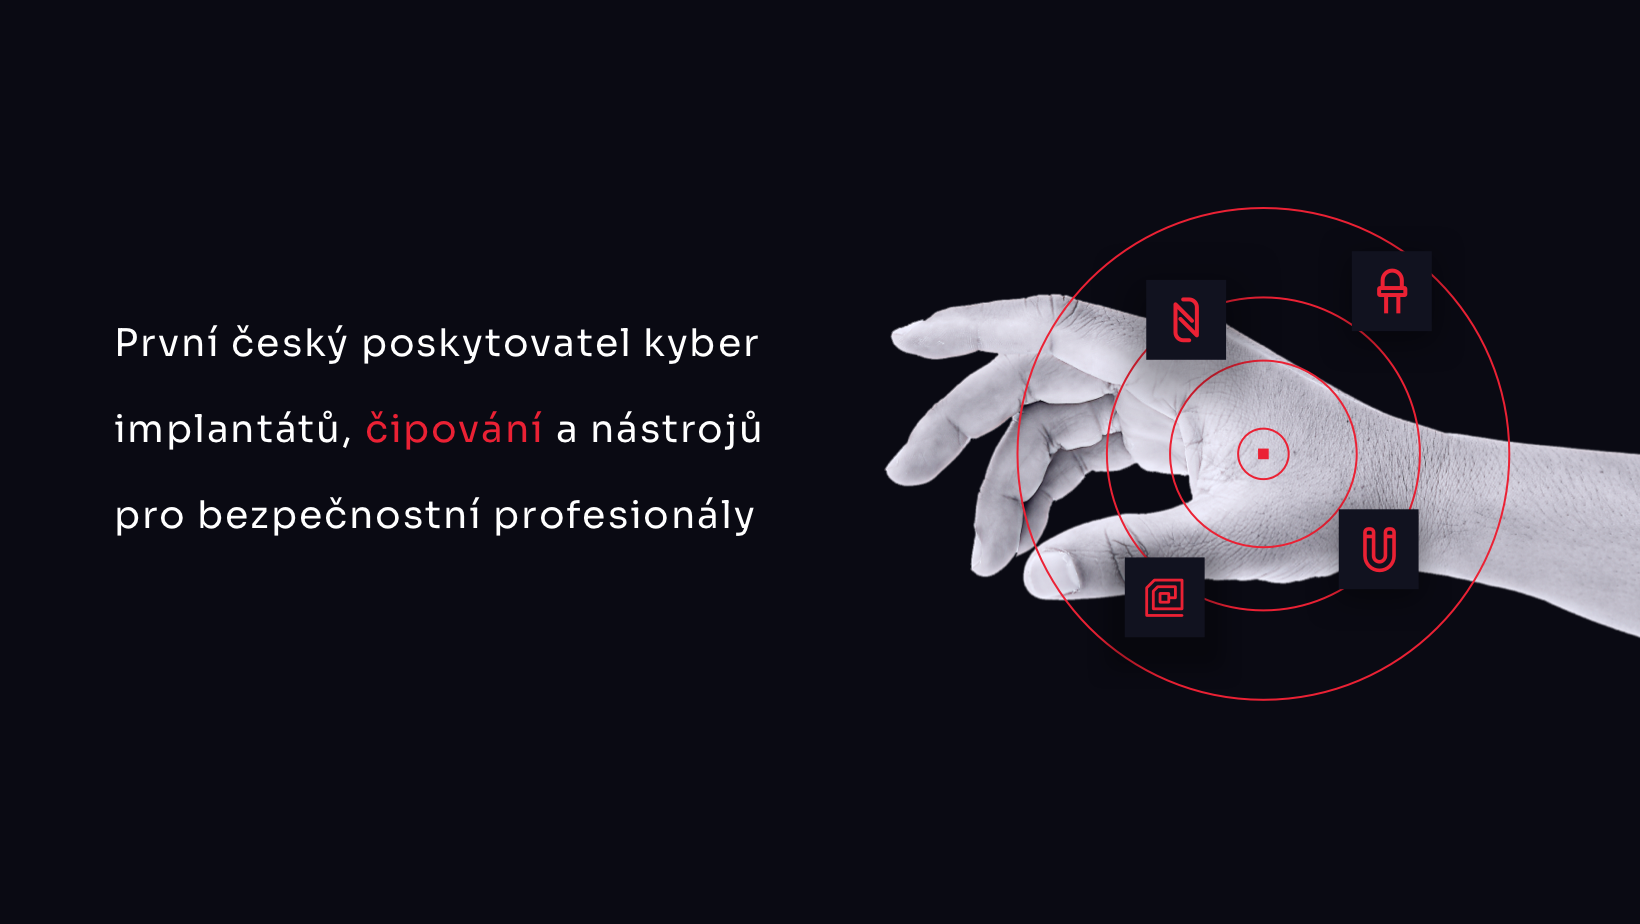 Čipování.eu - motiv s augmentovanou rukou